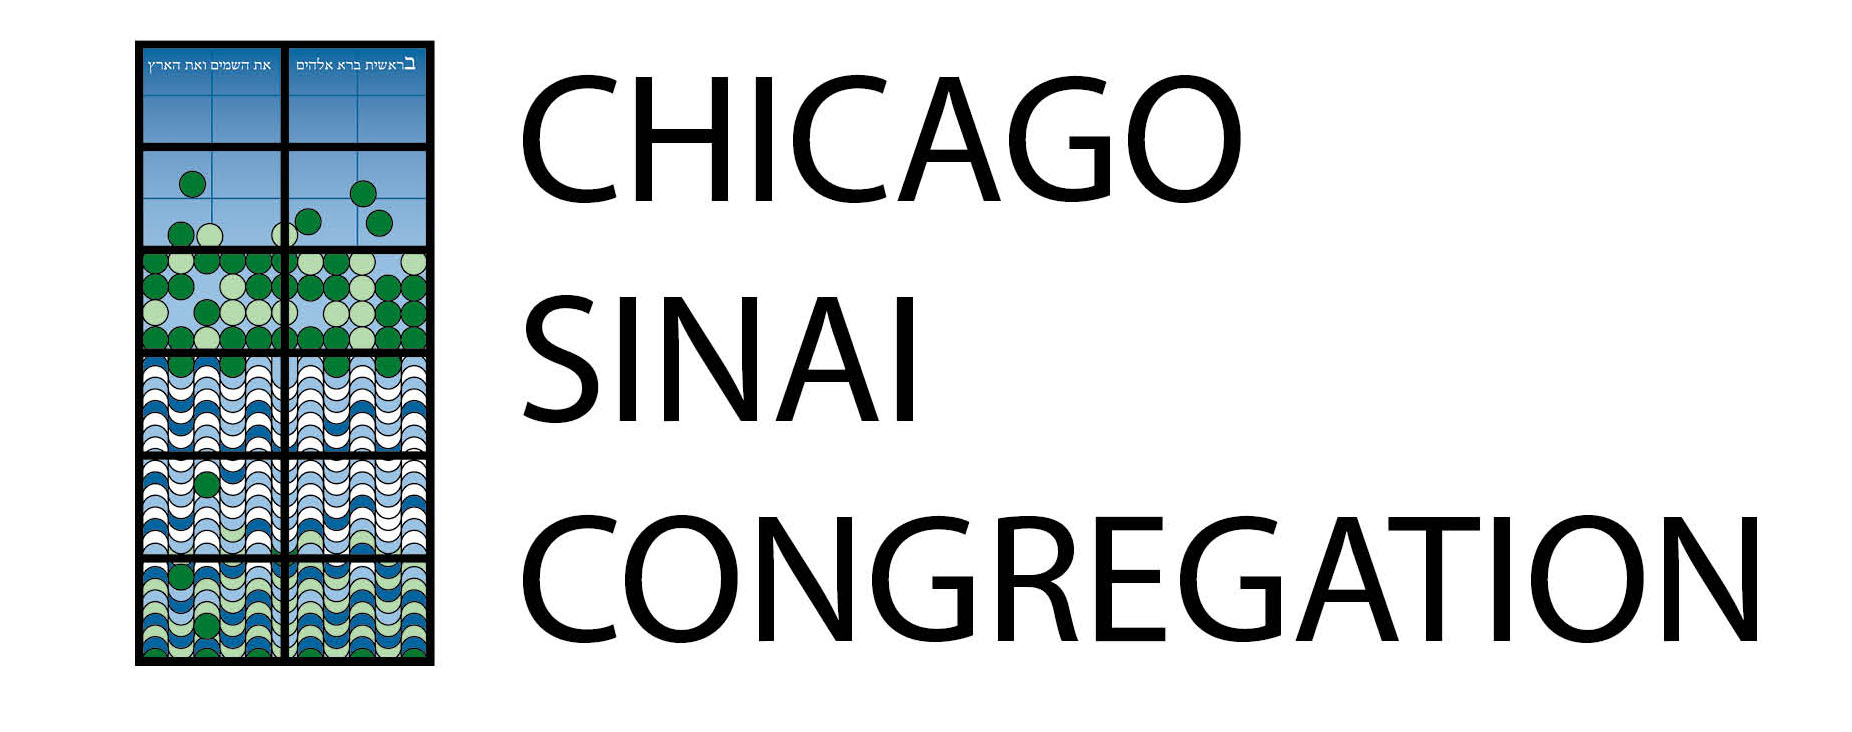 chicago sinai congregation